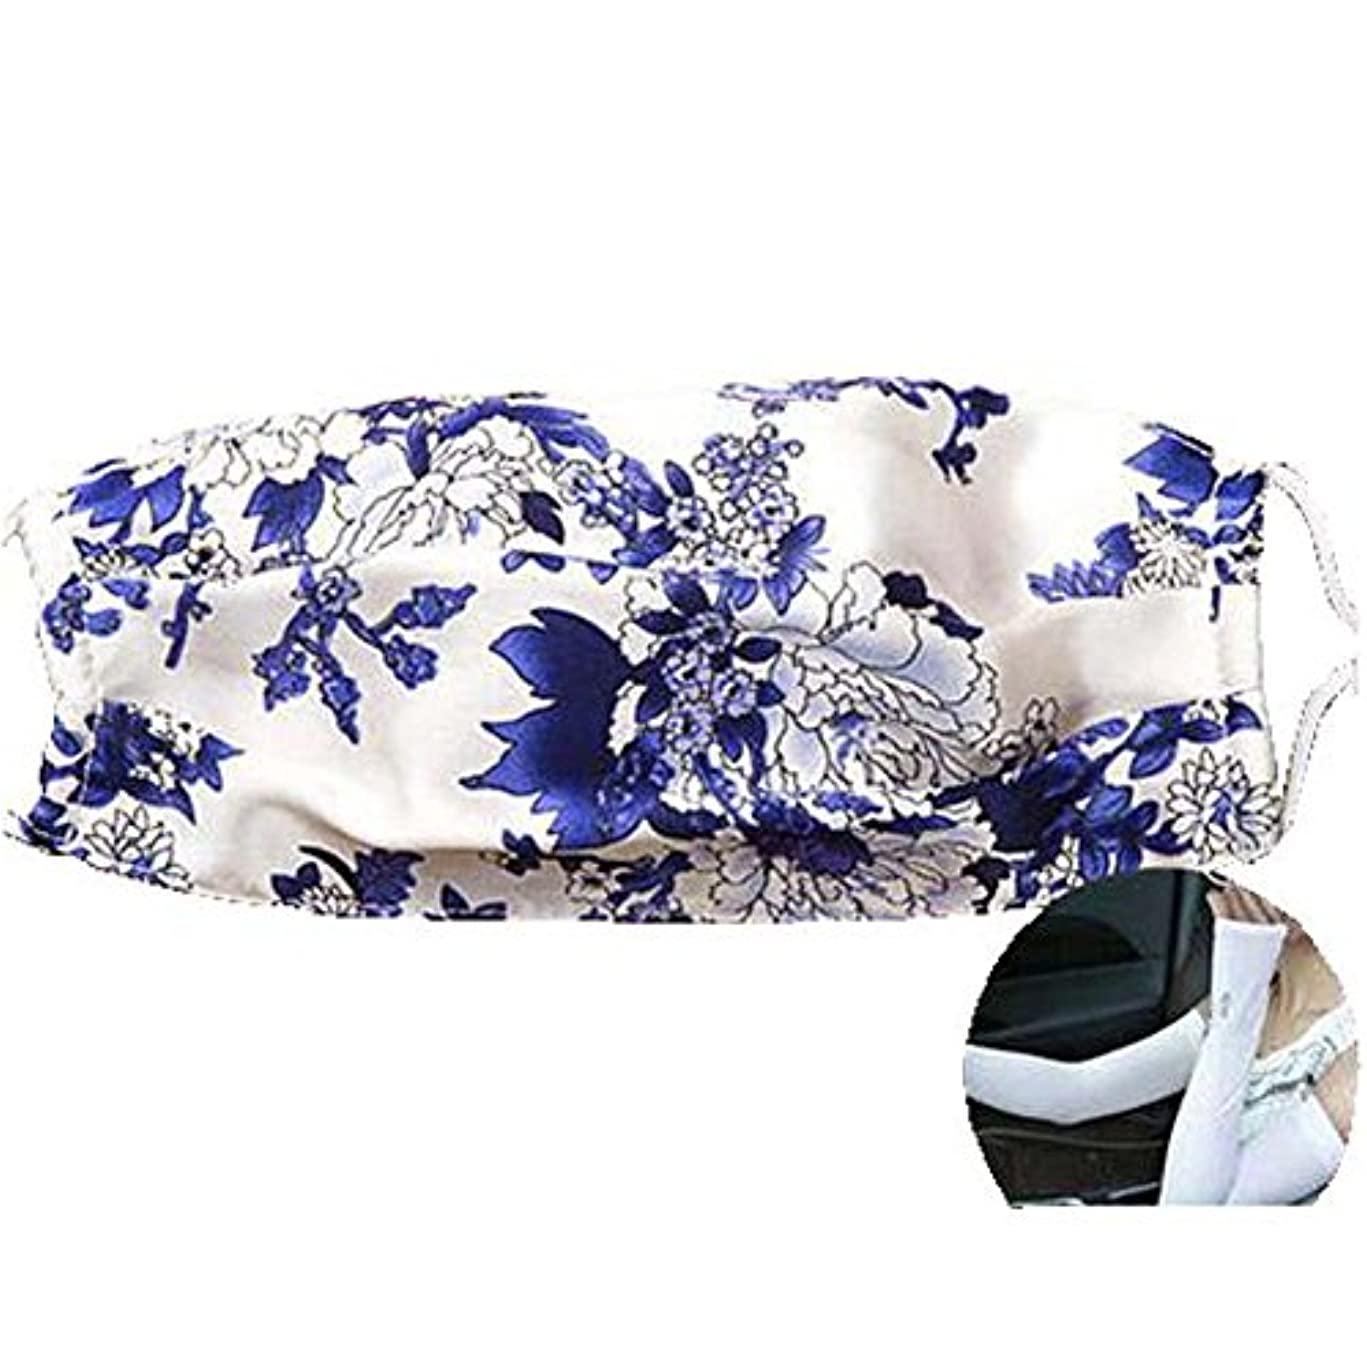 地球影響するプレゼンター再使用可能な洗えるシルクダストマスク、流行マスク、シルクアームスリーブ